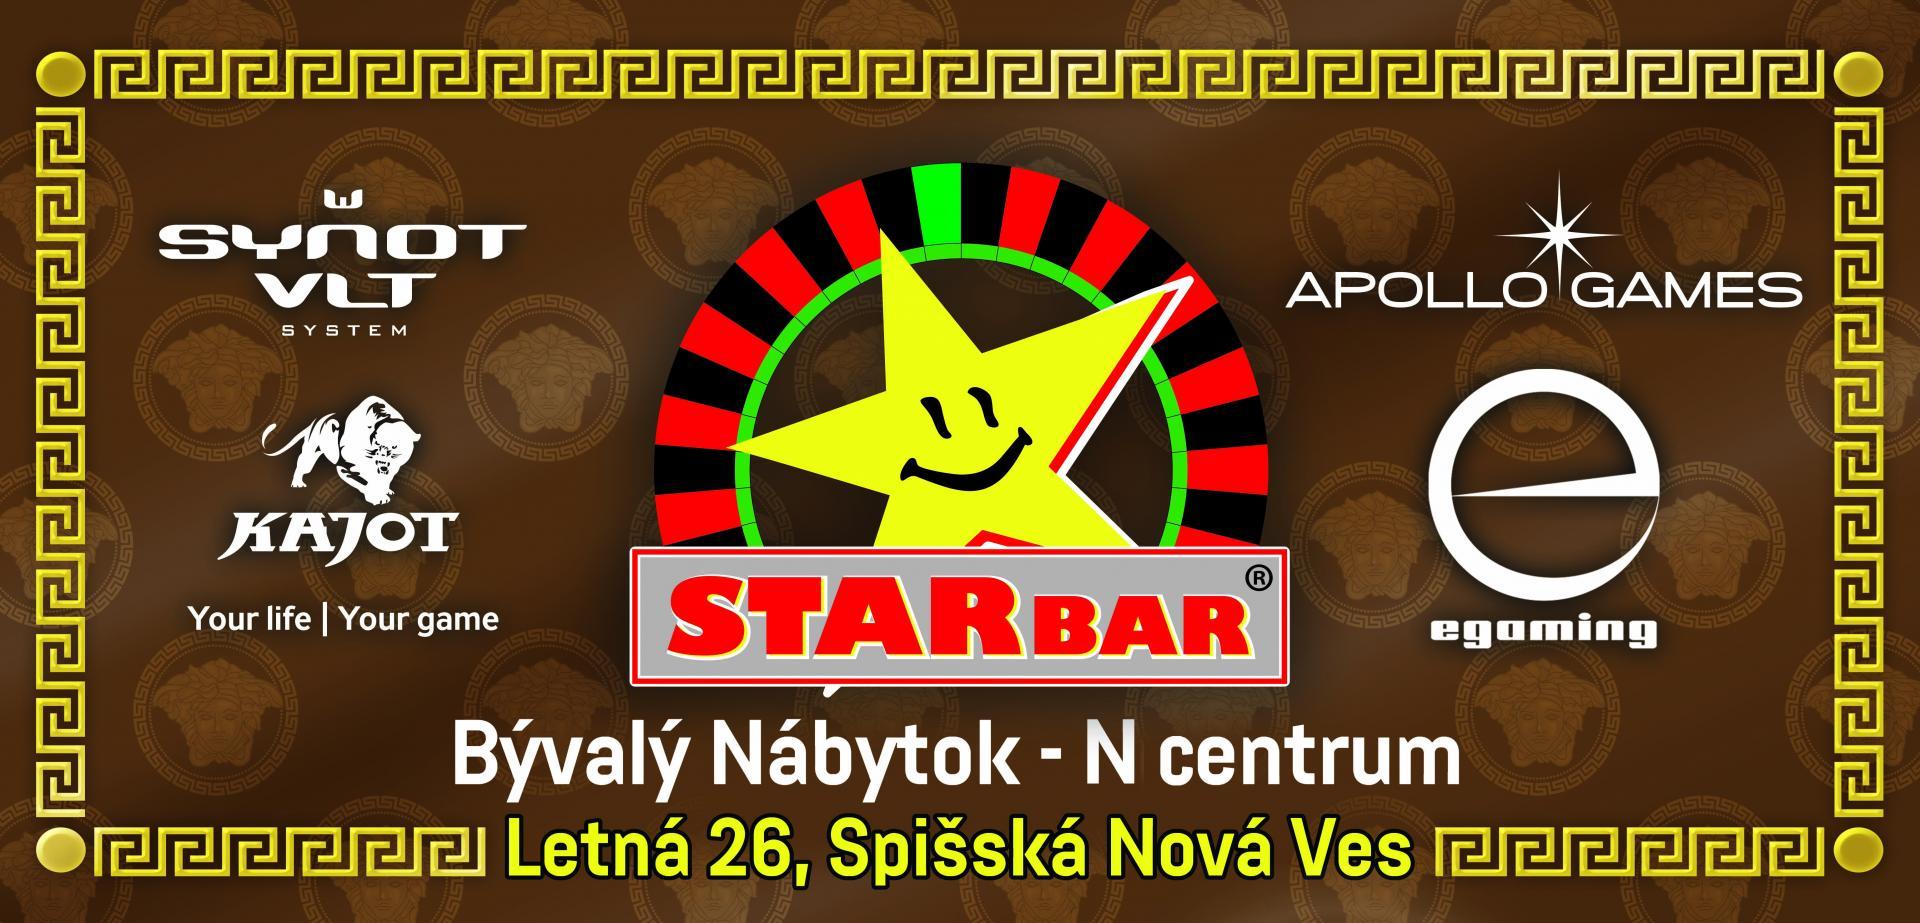 Herňa Spišská Nová Ves N-centrum